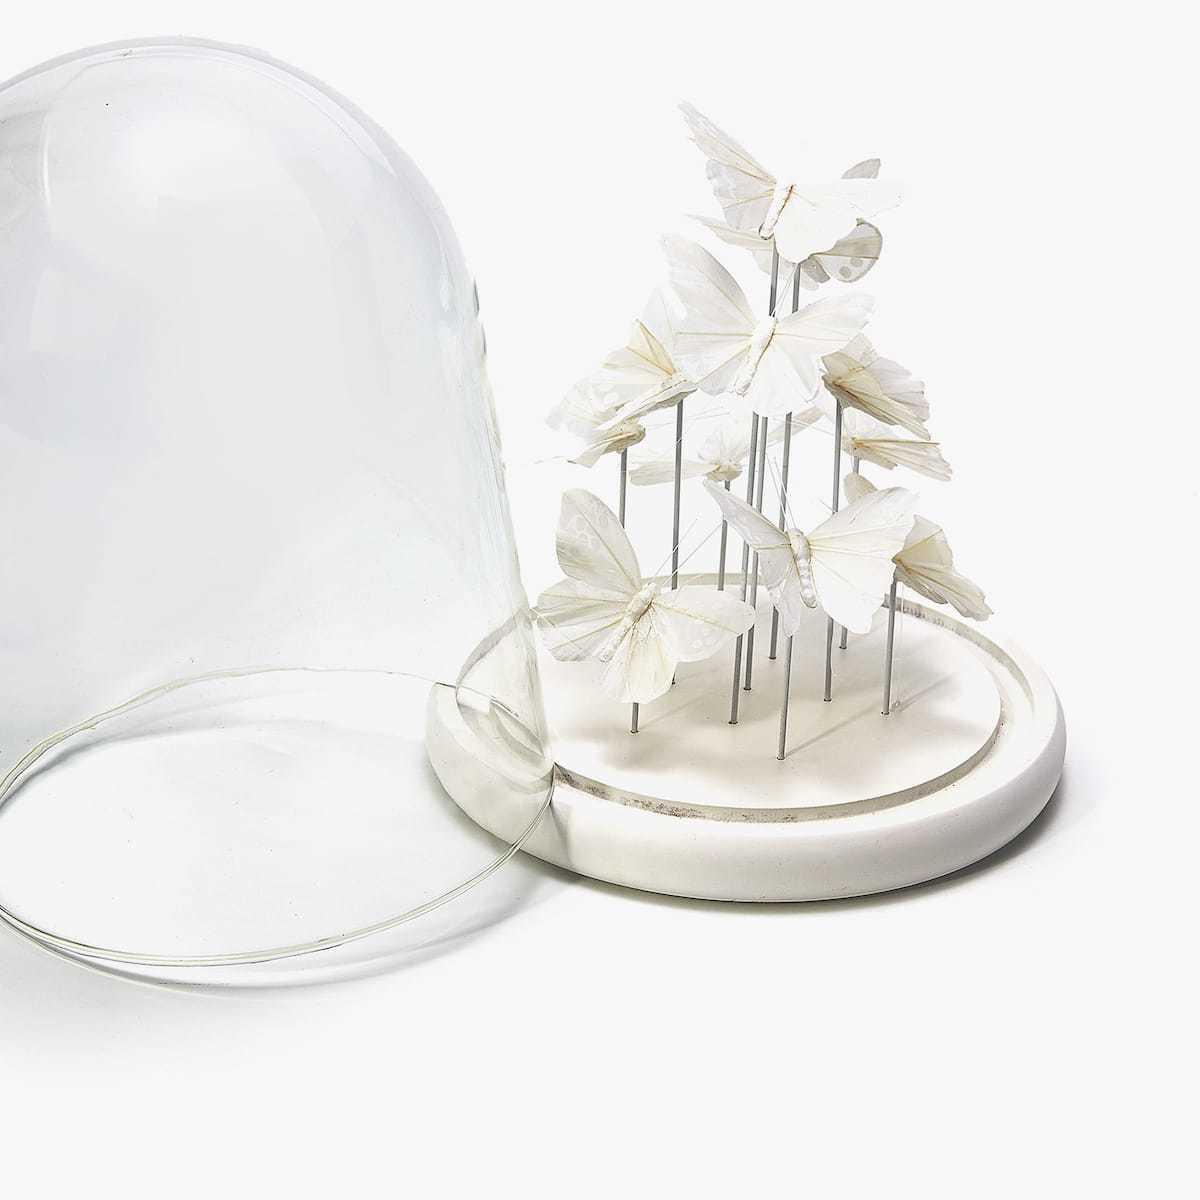 zauber im glas diy schmetterlinge unter einer glasglocke bastelideen diy zenideen. Black Bedroom Furniture Sets. Home Design Ideas